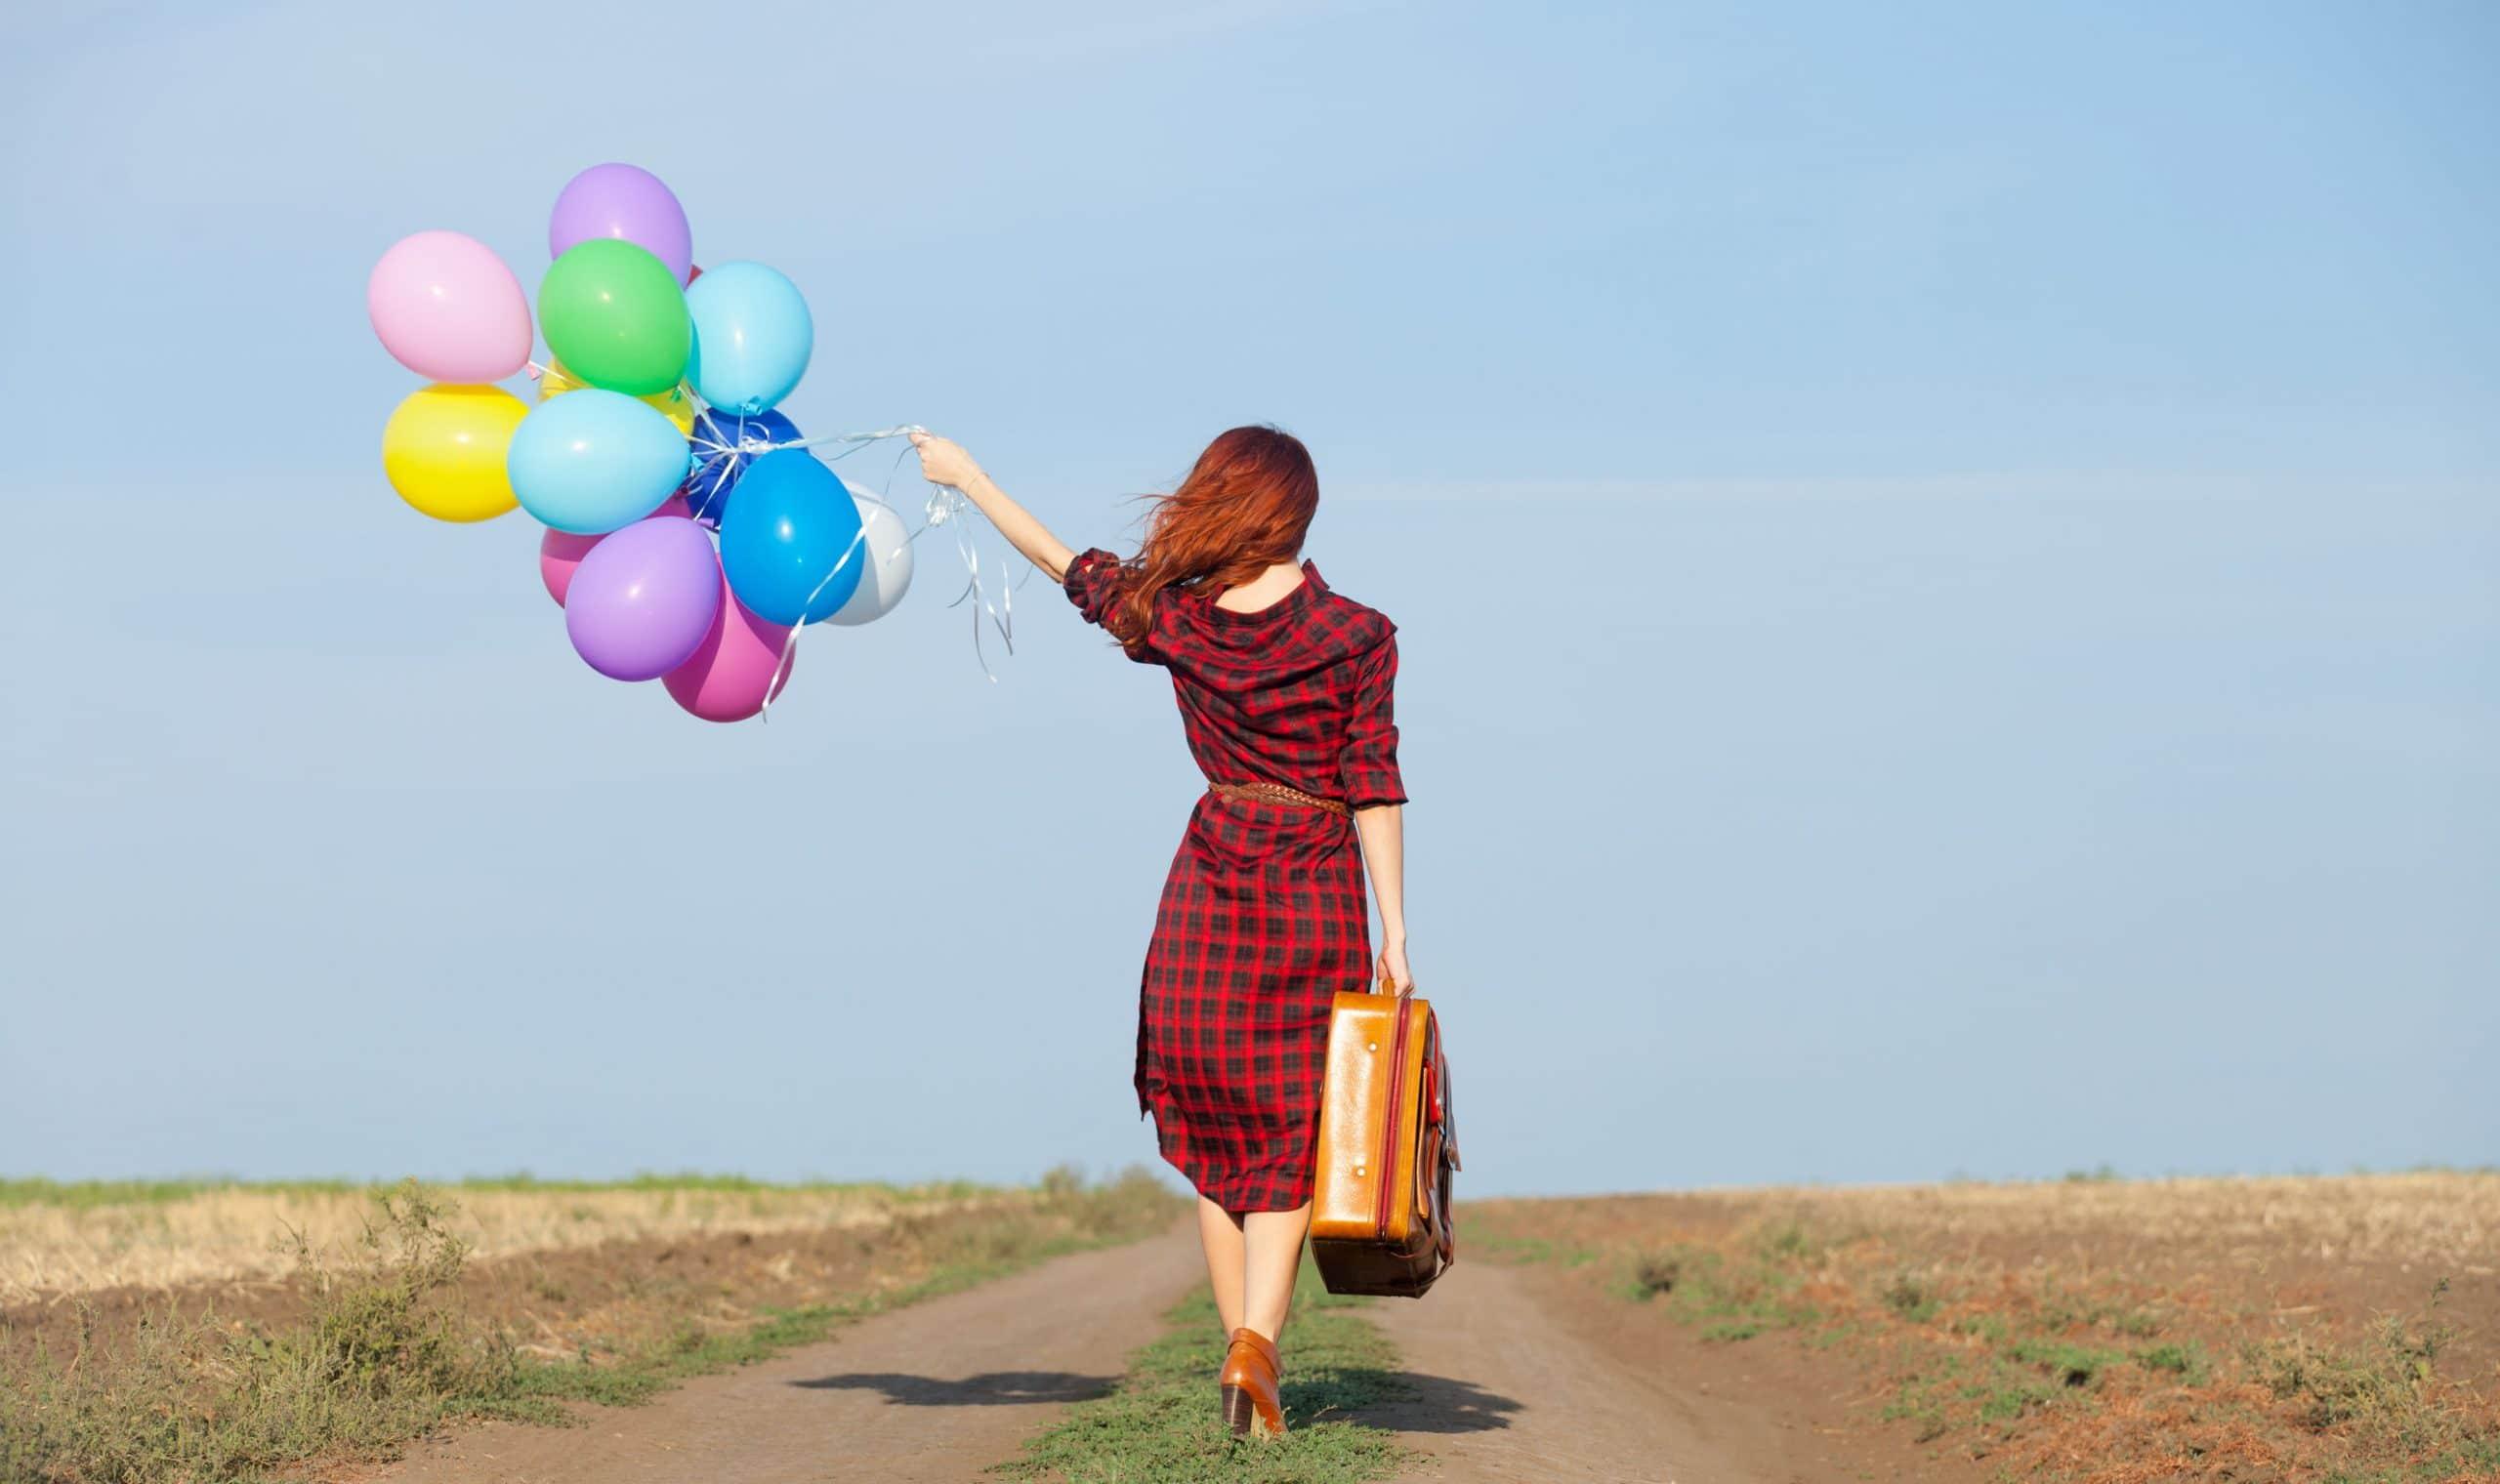 Mulher com vestido xadrez, carregando uma mala em uma mão e balões na outra mão. Ela anda em uma estrada que parece abandonada.